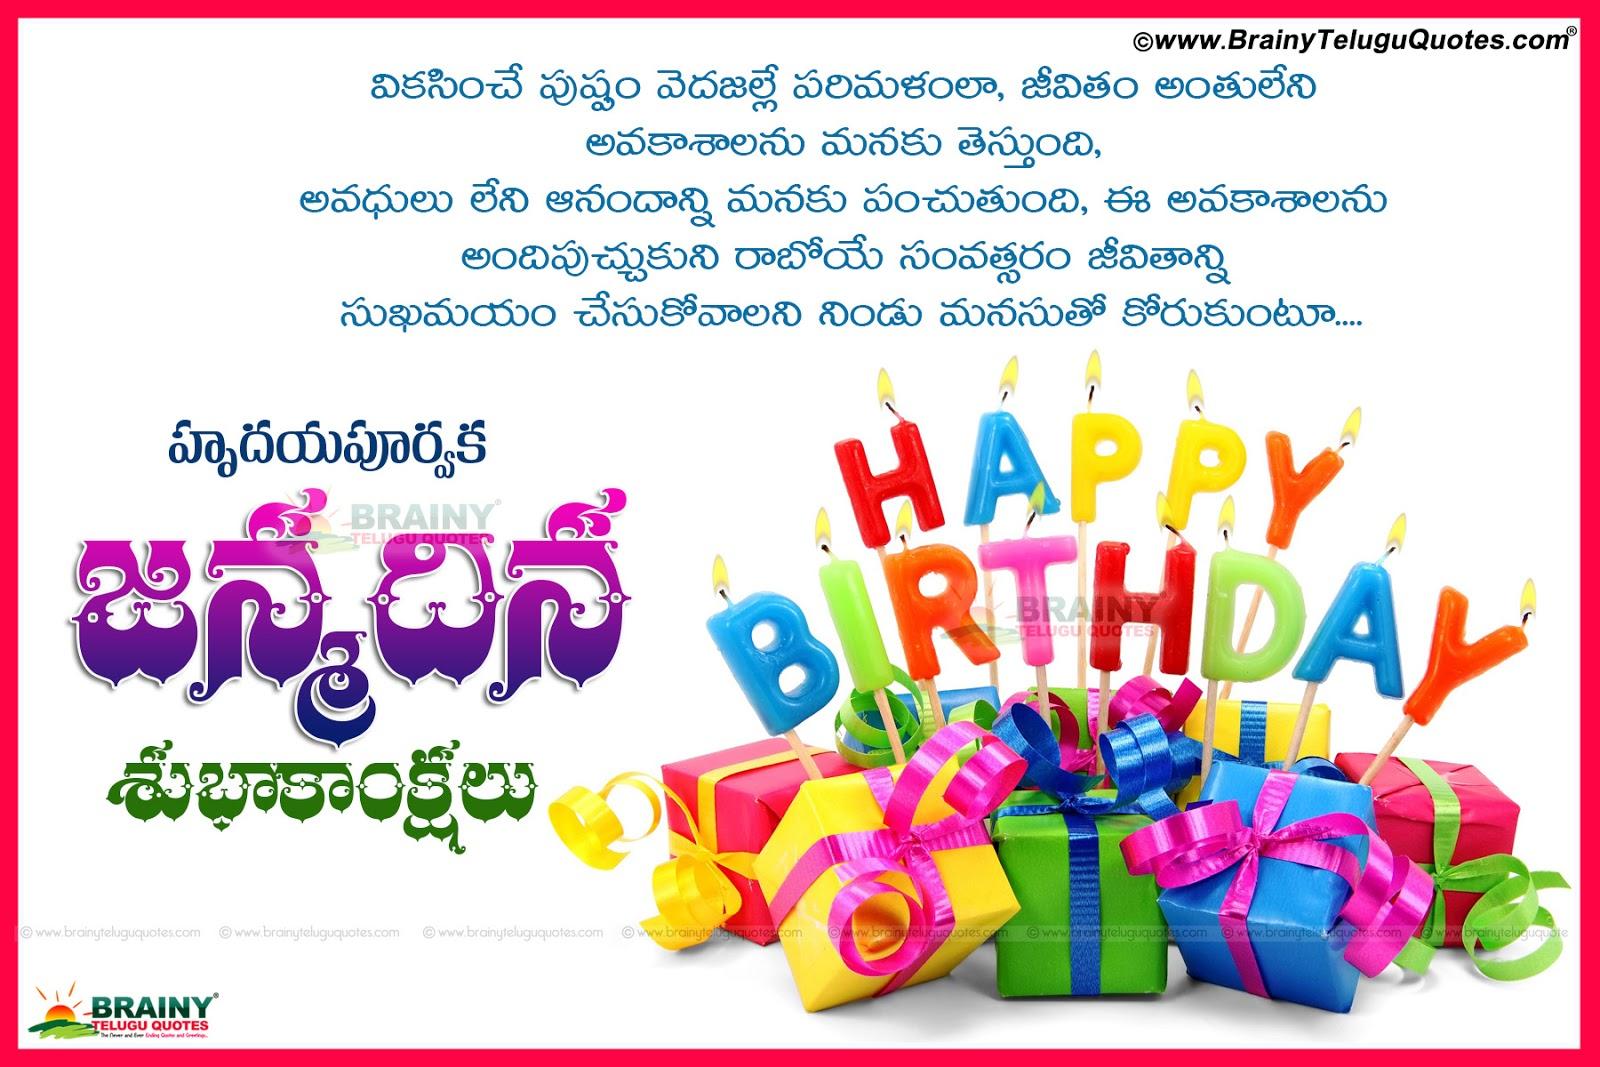 Vinayaka Chavithi Hd Wallpapers Happy Birthday Greetings In Telugu Brainyteluguquotes